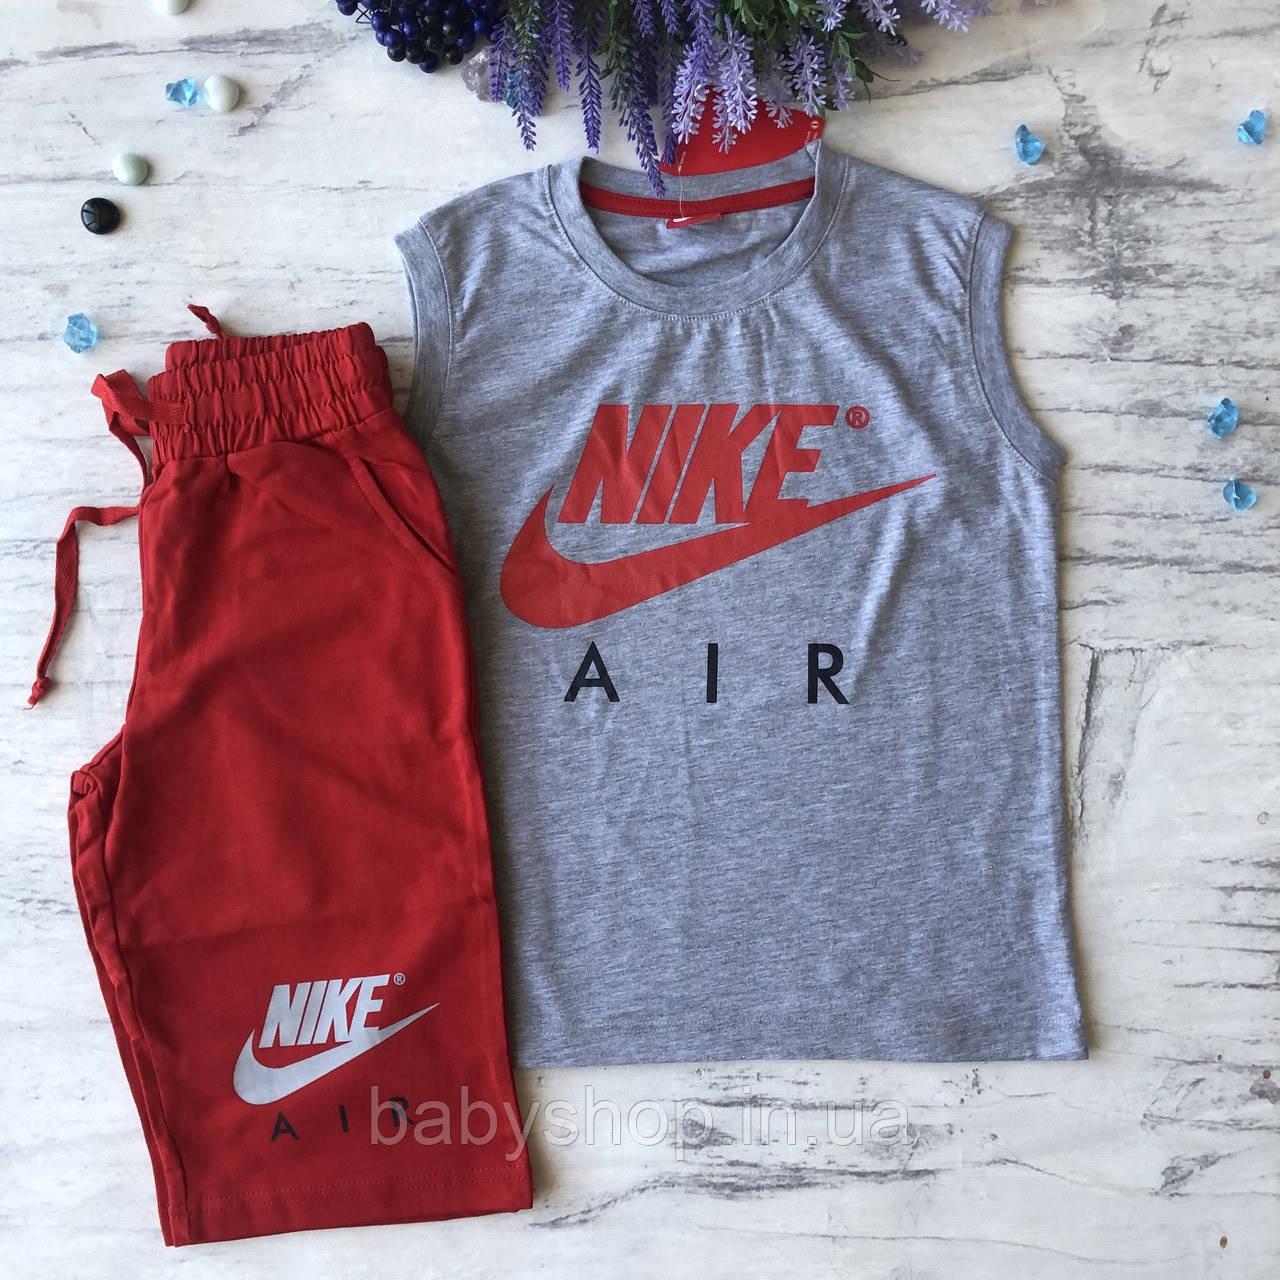 Літній костюм в стилі Nike на хлопчика 96. Розмір 128 см, 134 см, 140 см, 152 см, 164 см